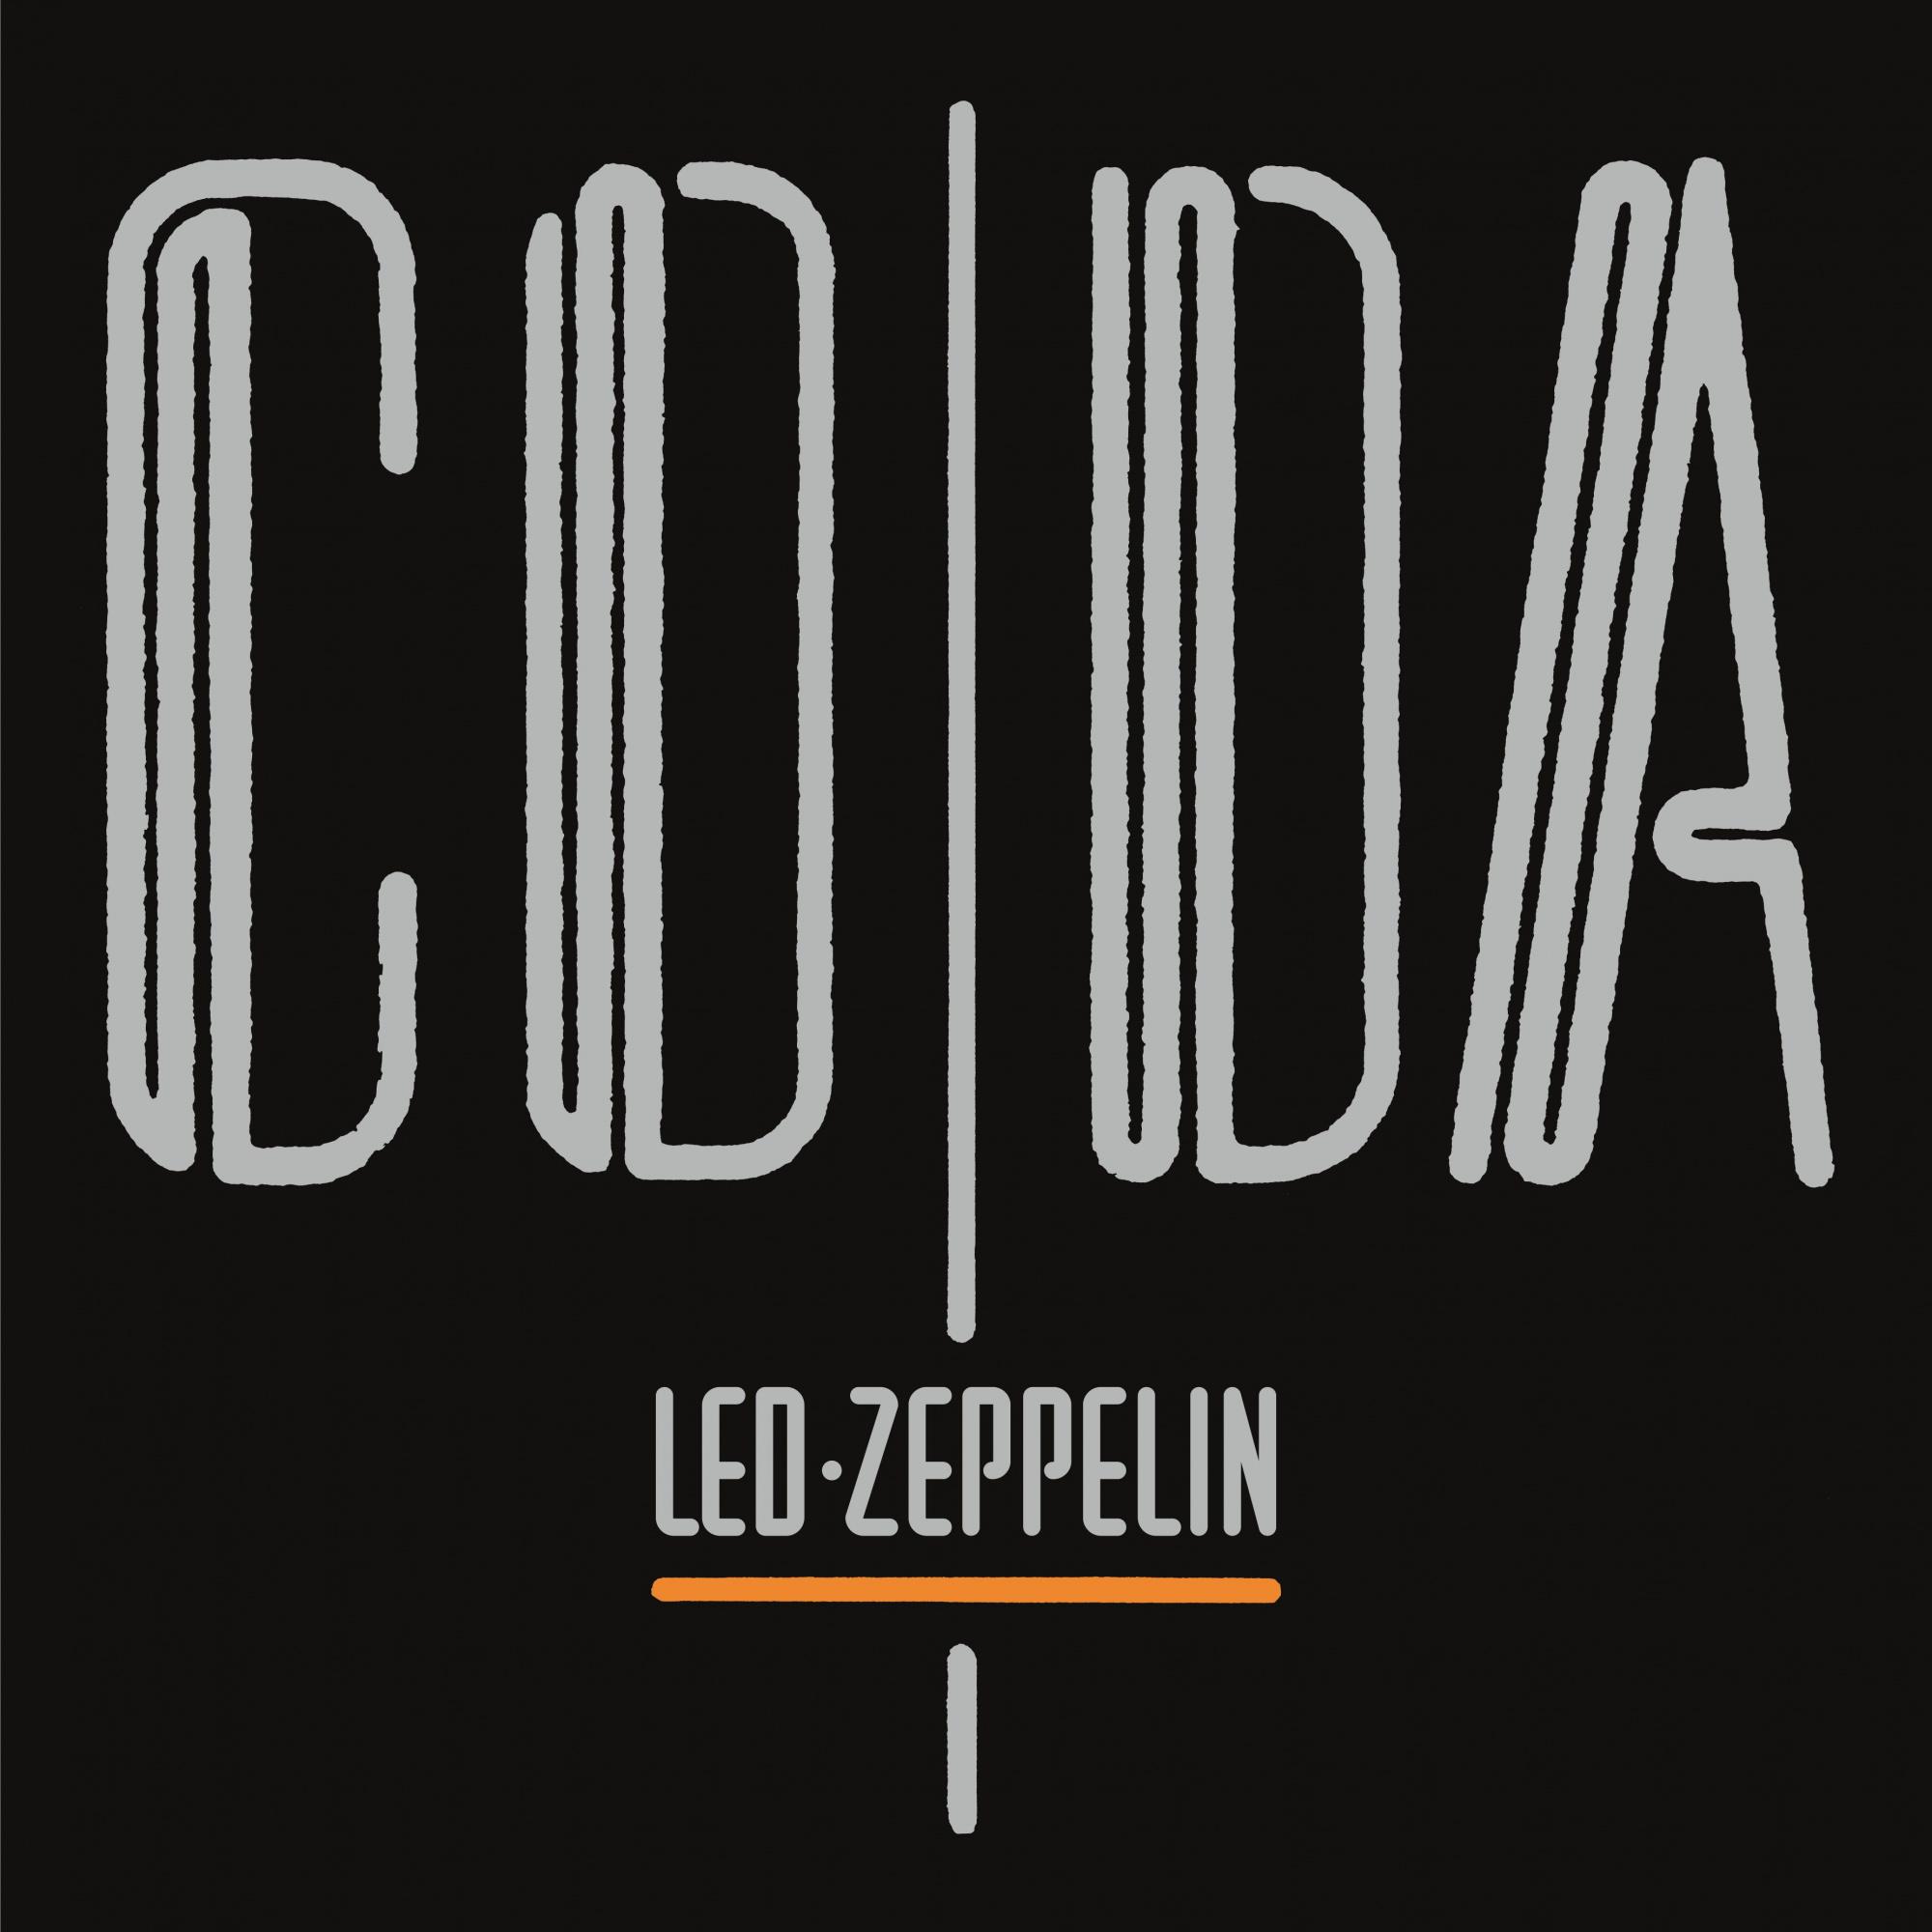 Led ZeppelinВиниловые пластинки<br>Виниловая пластинка<br>